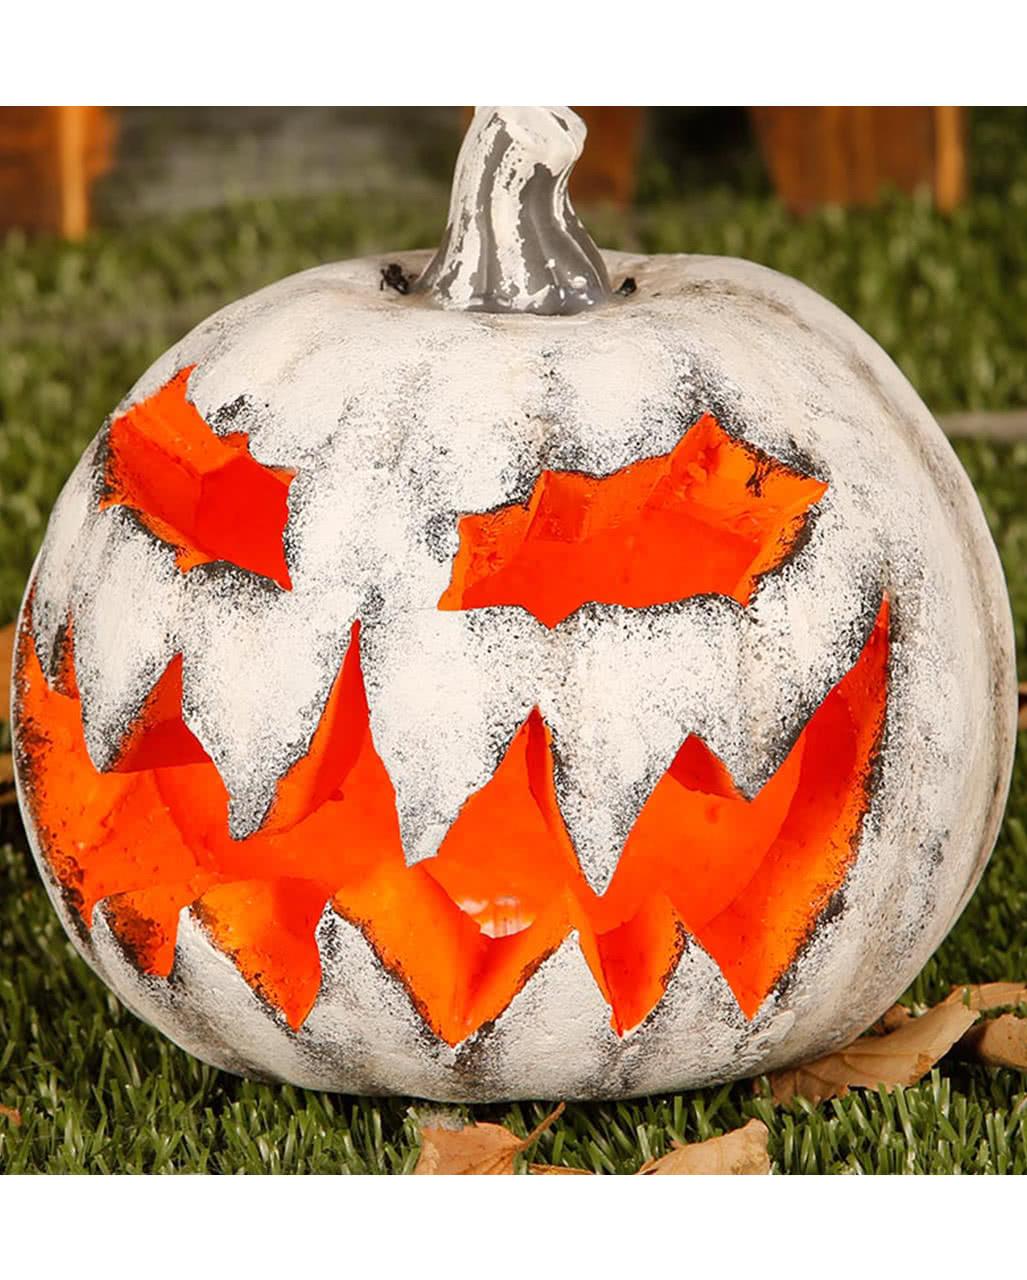 Leuchtende jack 39 o 39 lantern halloween deko k rbislampe for Leuchtende zimmer deko